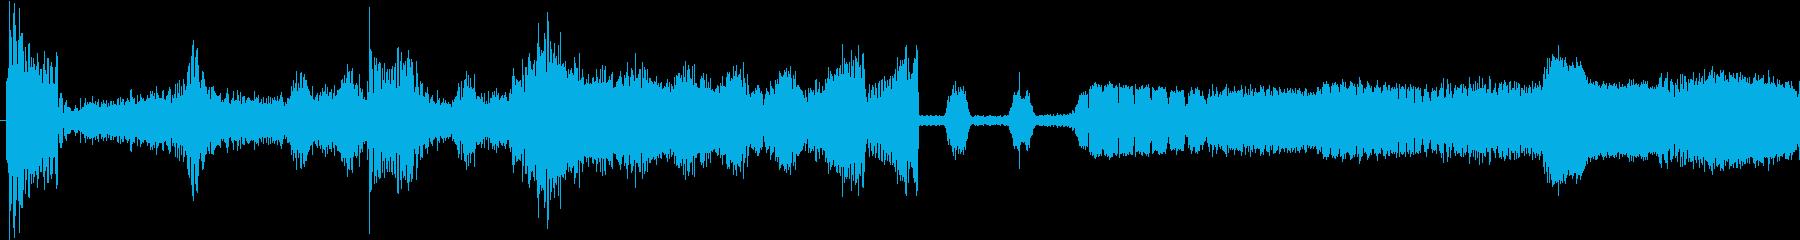 LaserSynth EC04_33_3の再生済みの波形